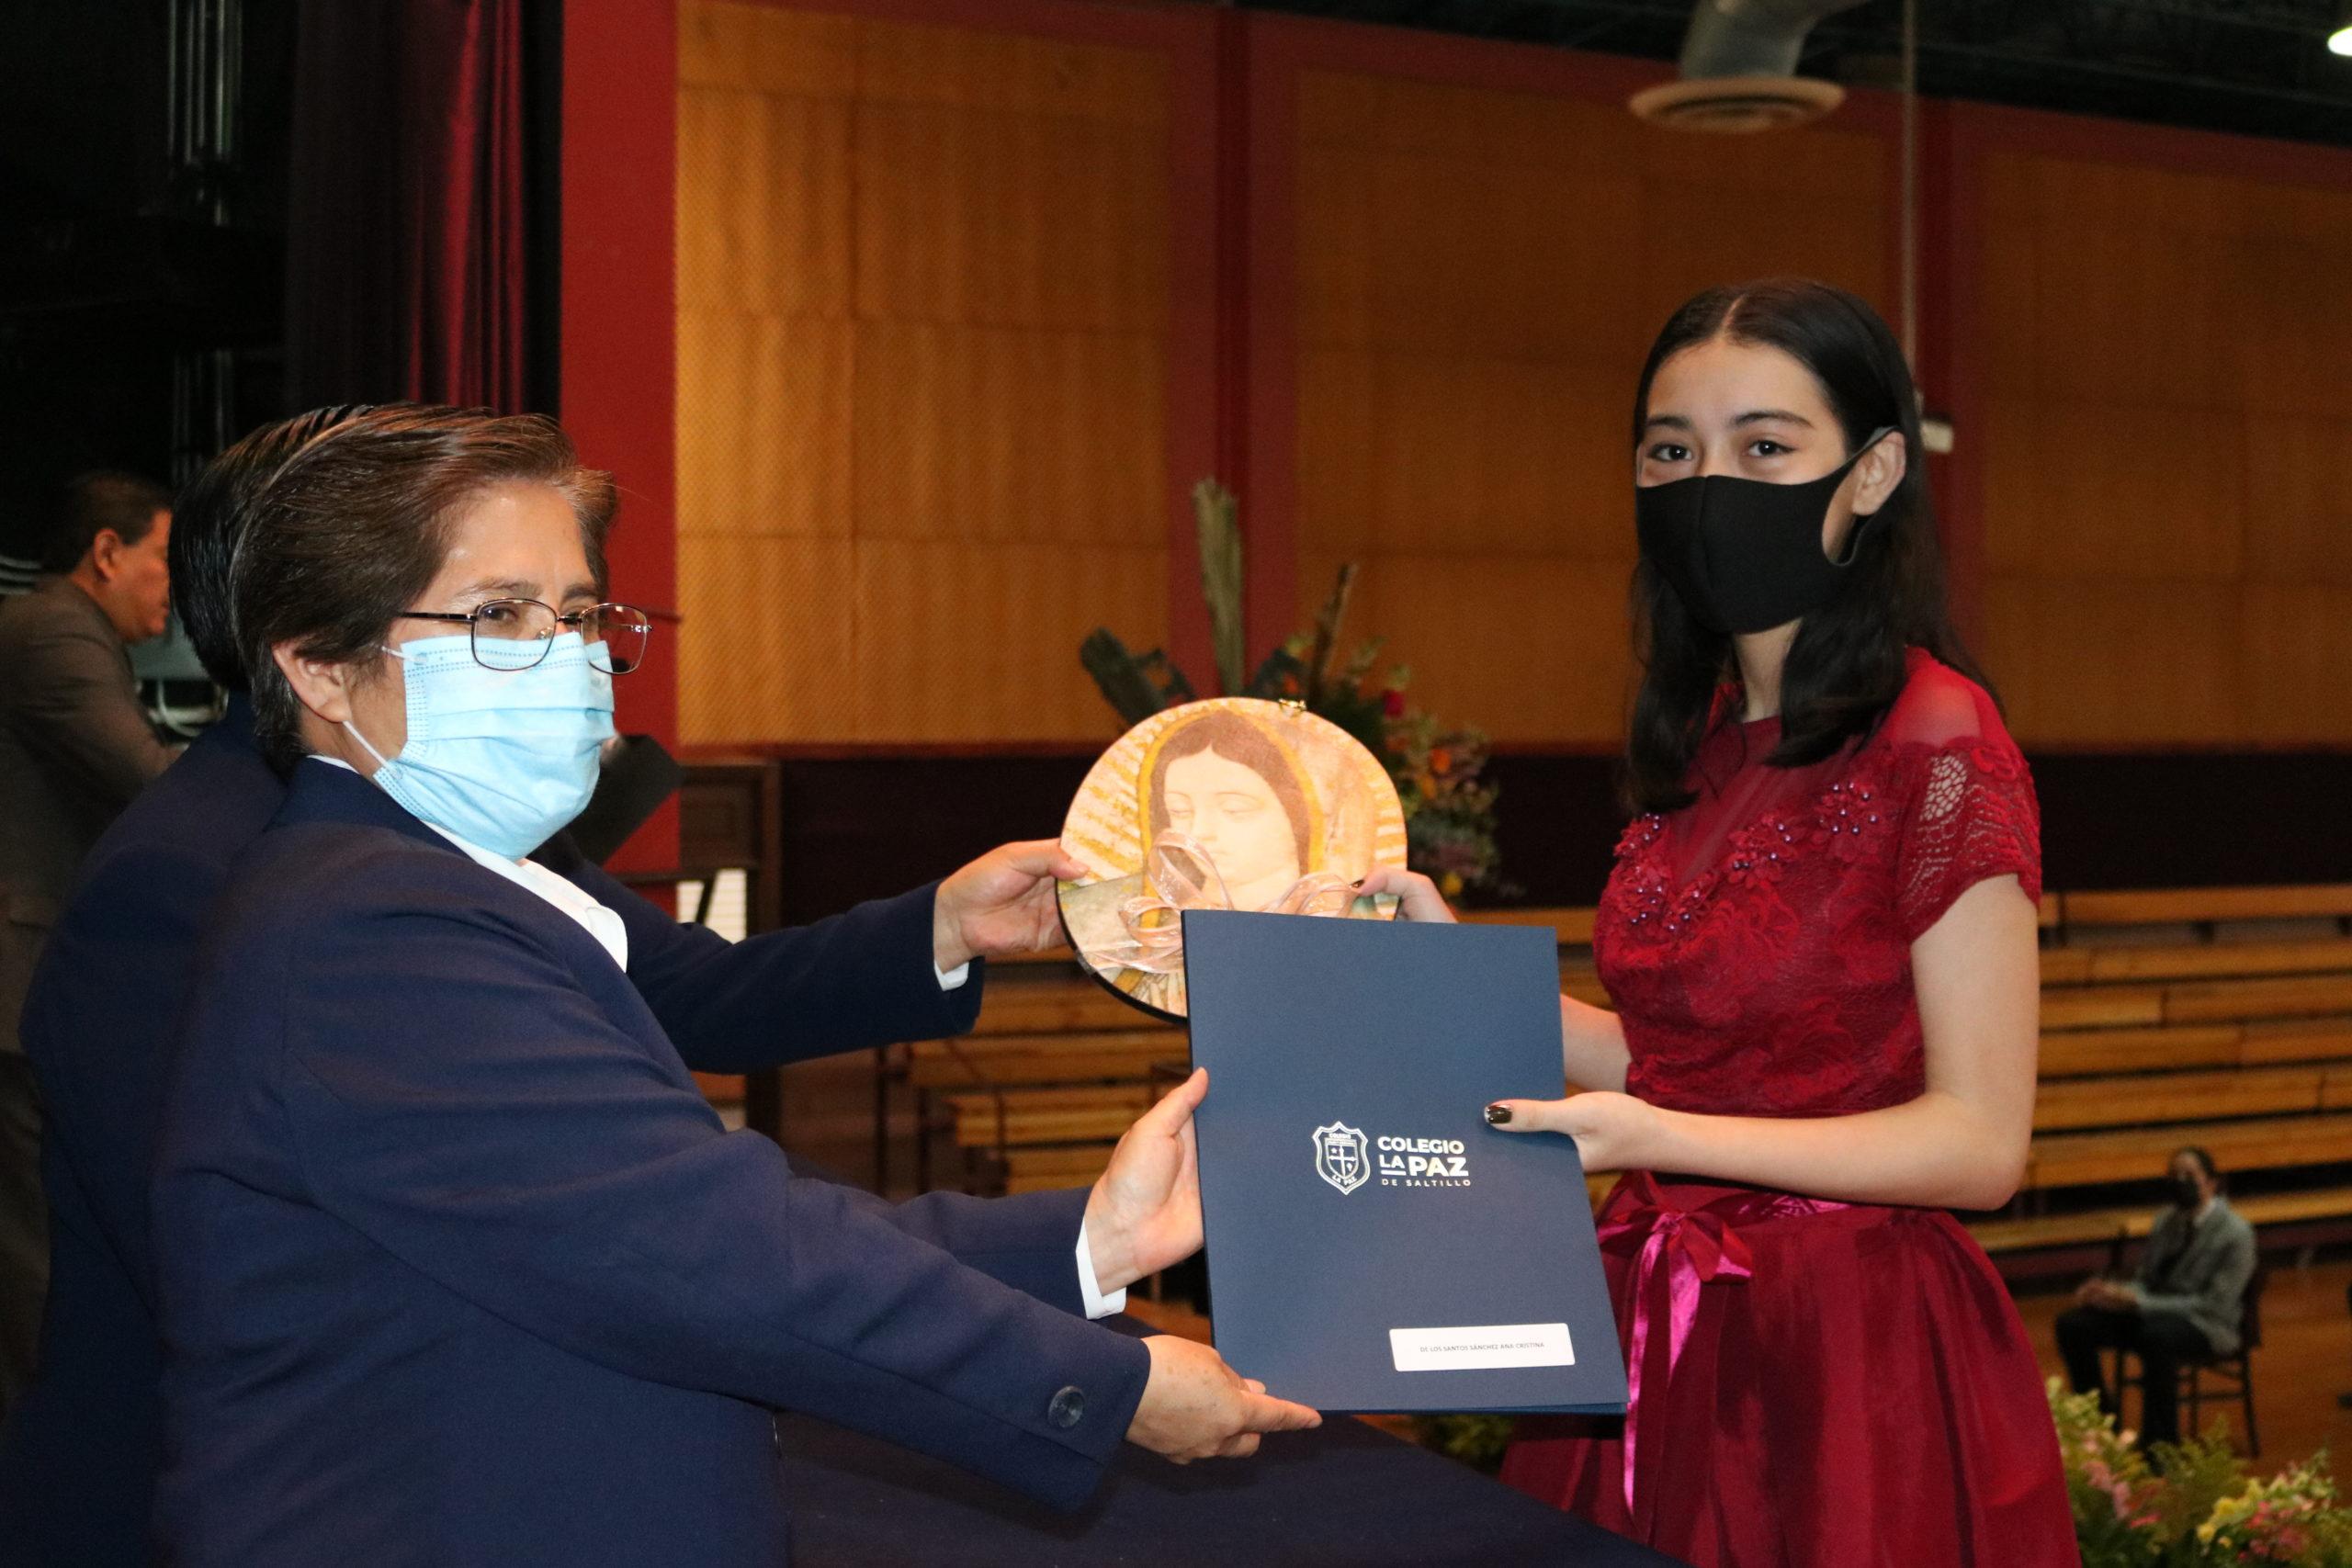 Los alumnos reciben sus certificados